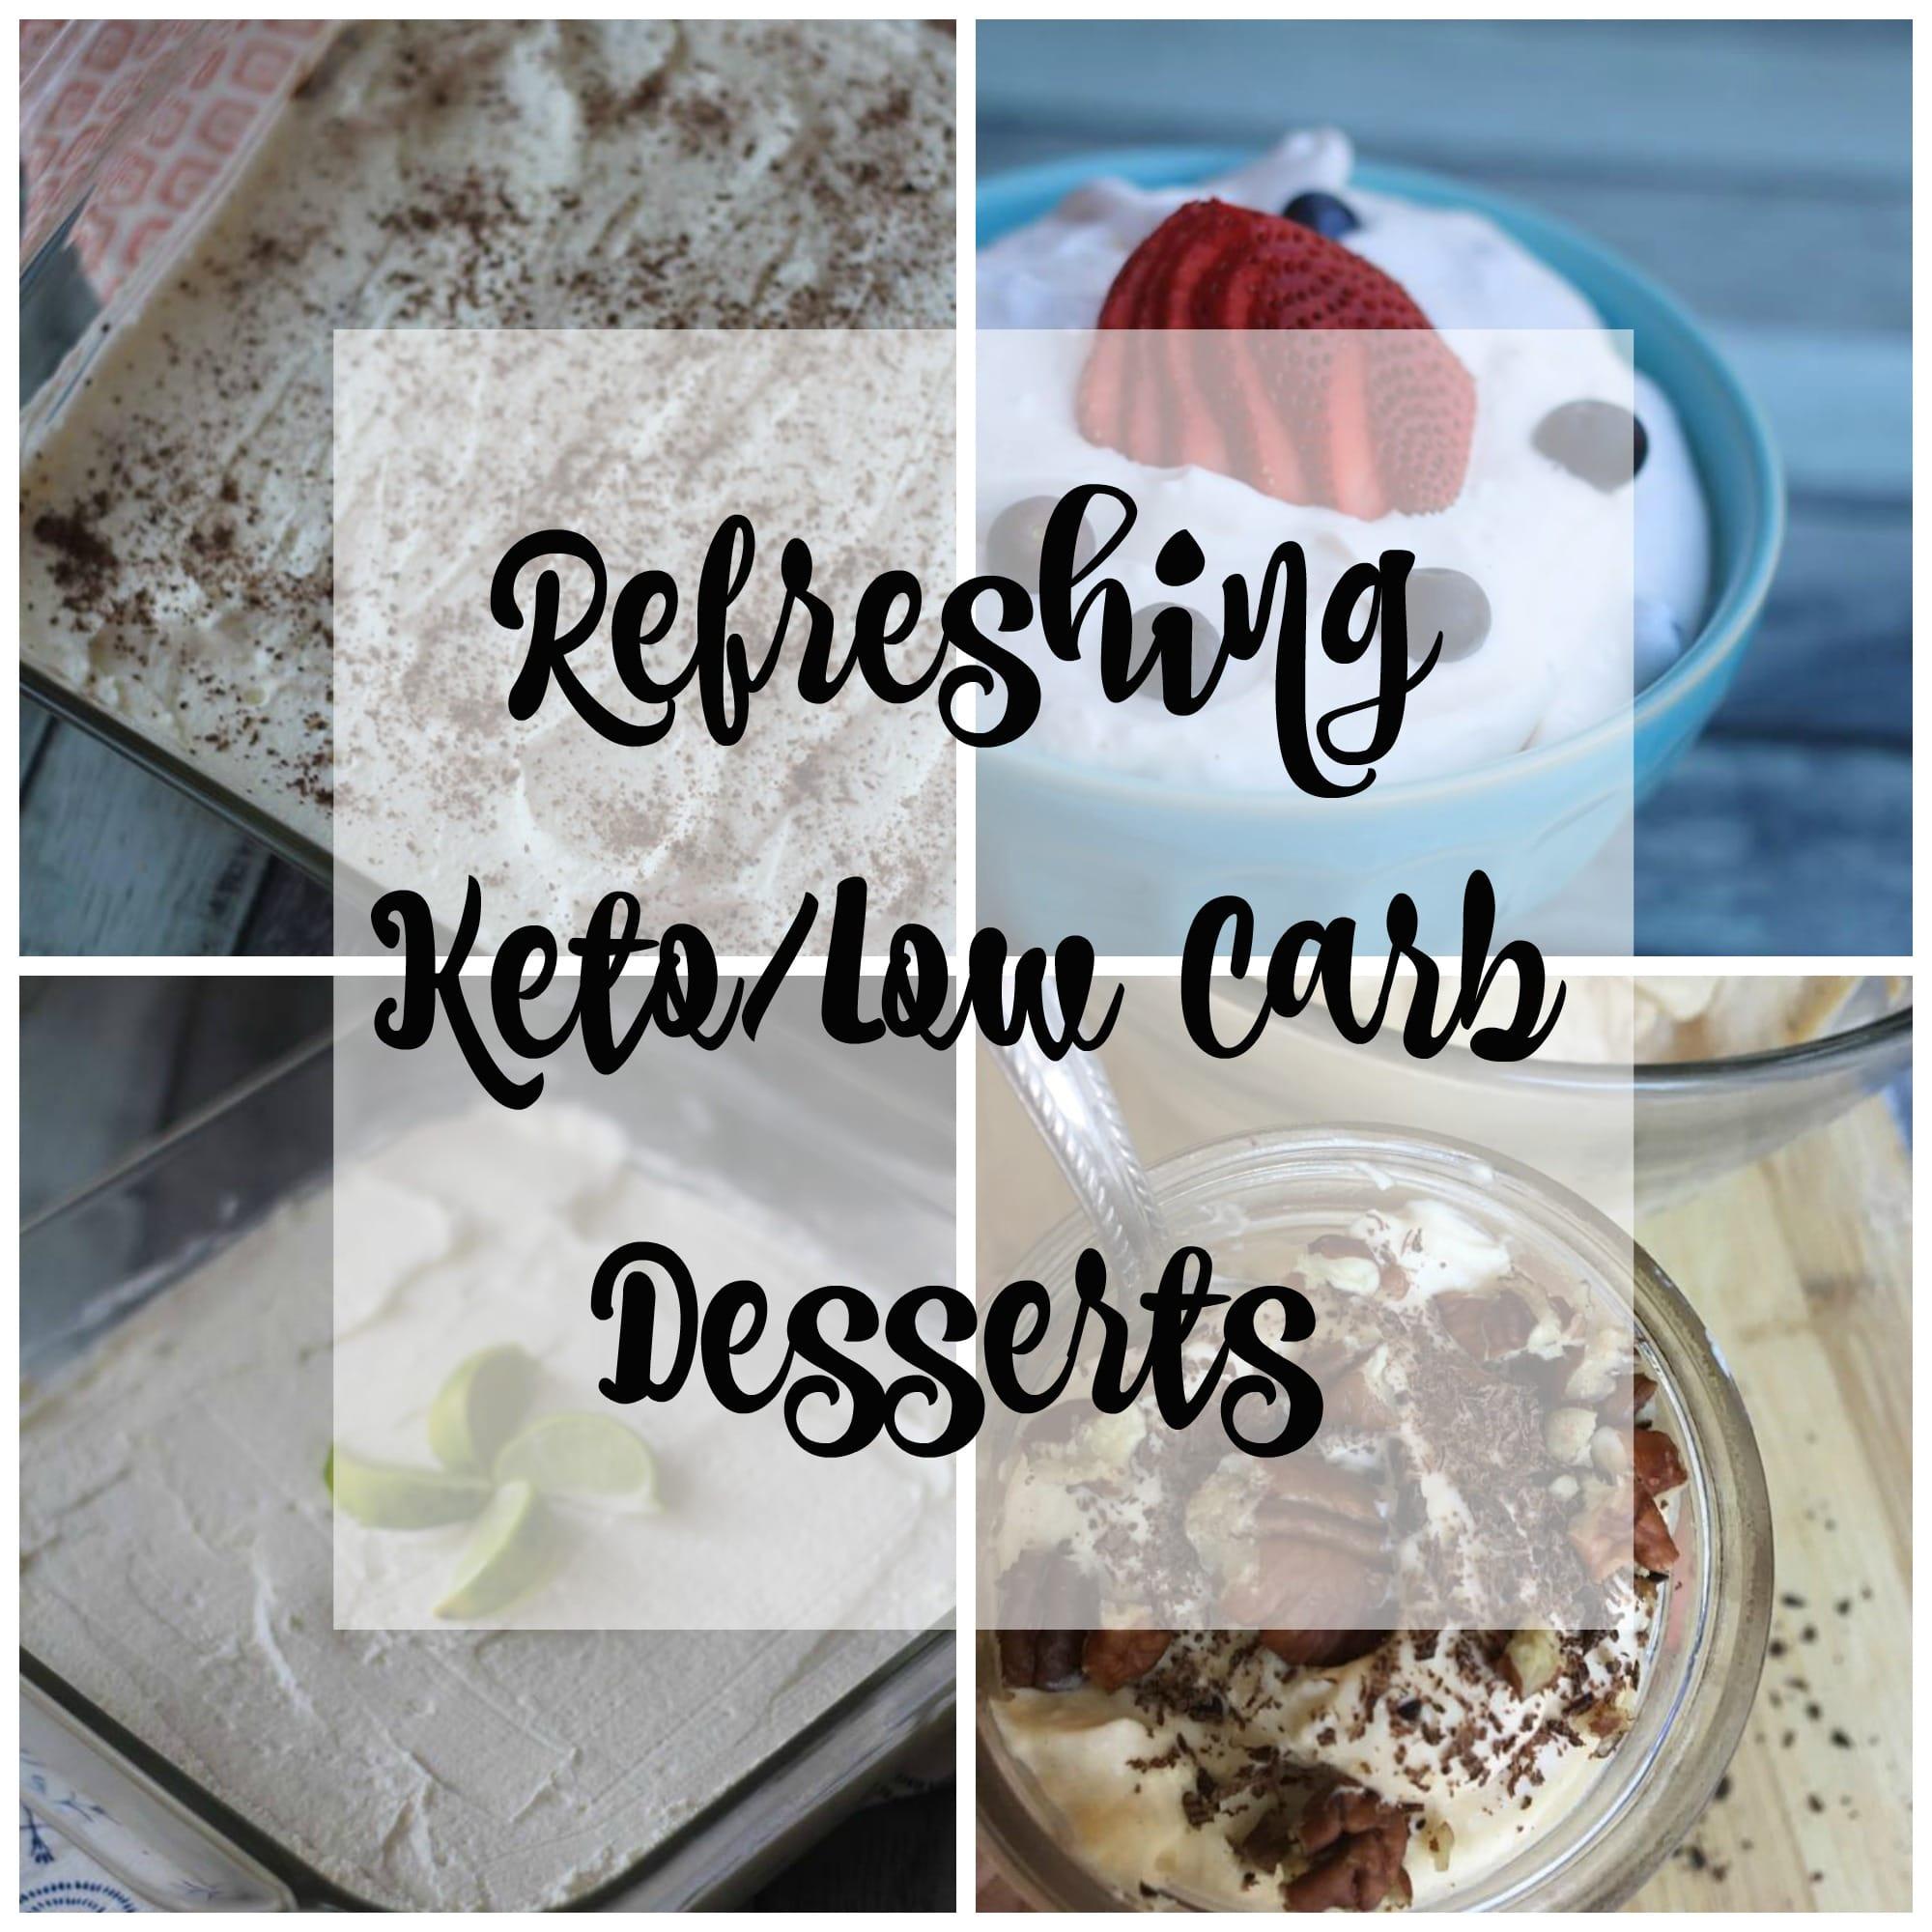 Refreshing keto low carb dessert ideas